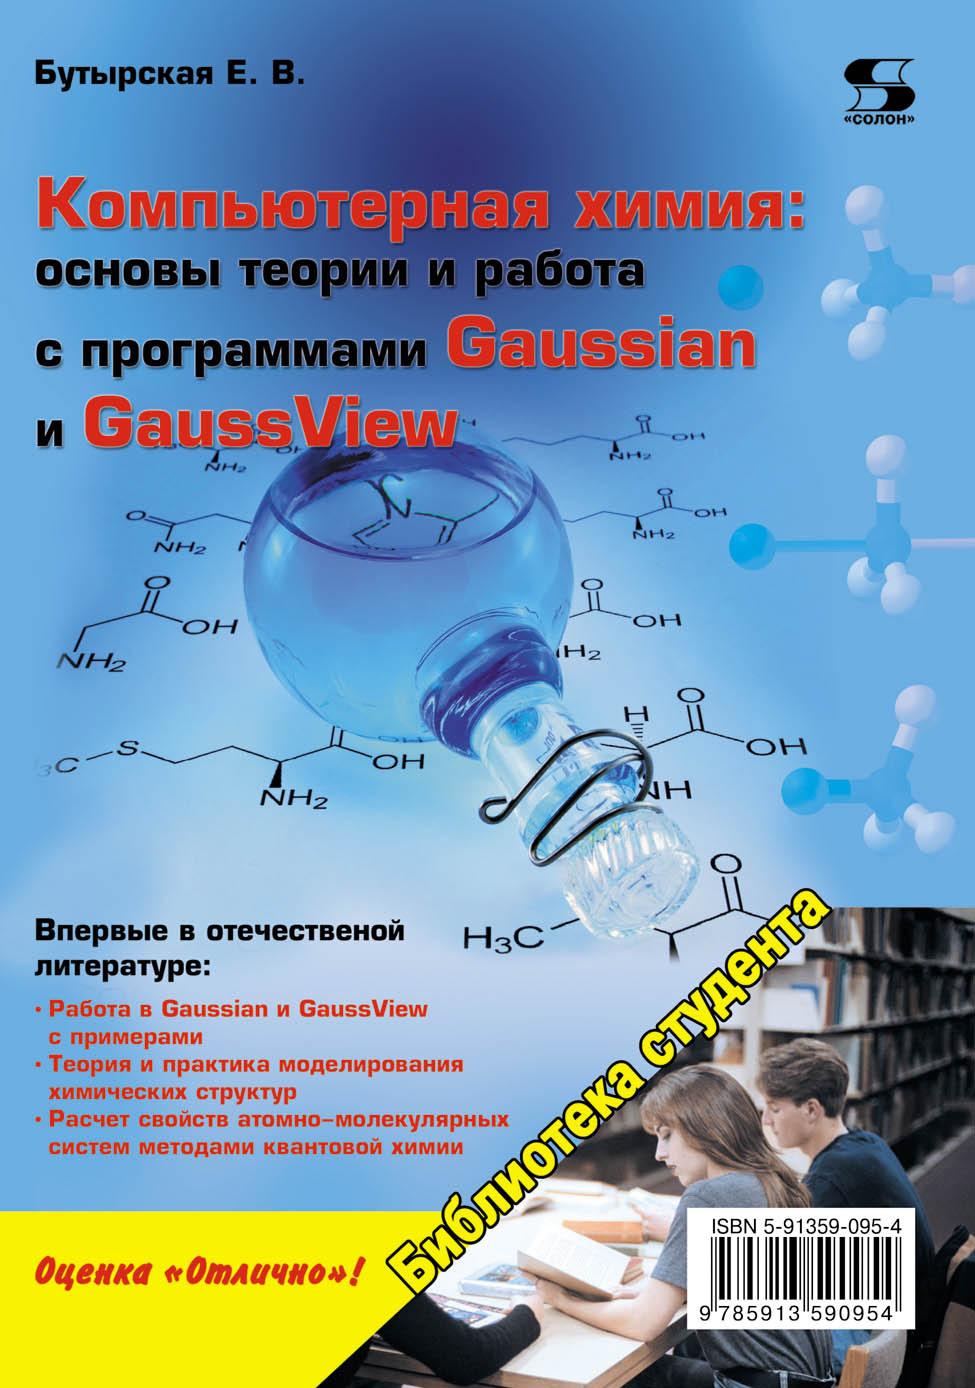 Е. В. Бутырская Компьютерная химия: основы теории и работа с программами Gaussian и GaussView